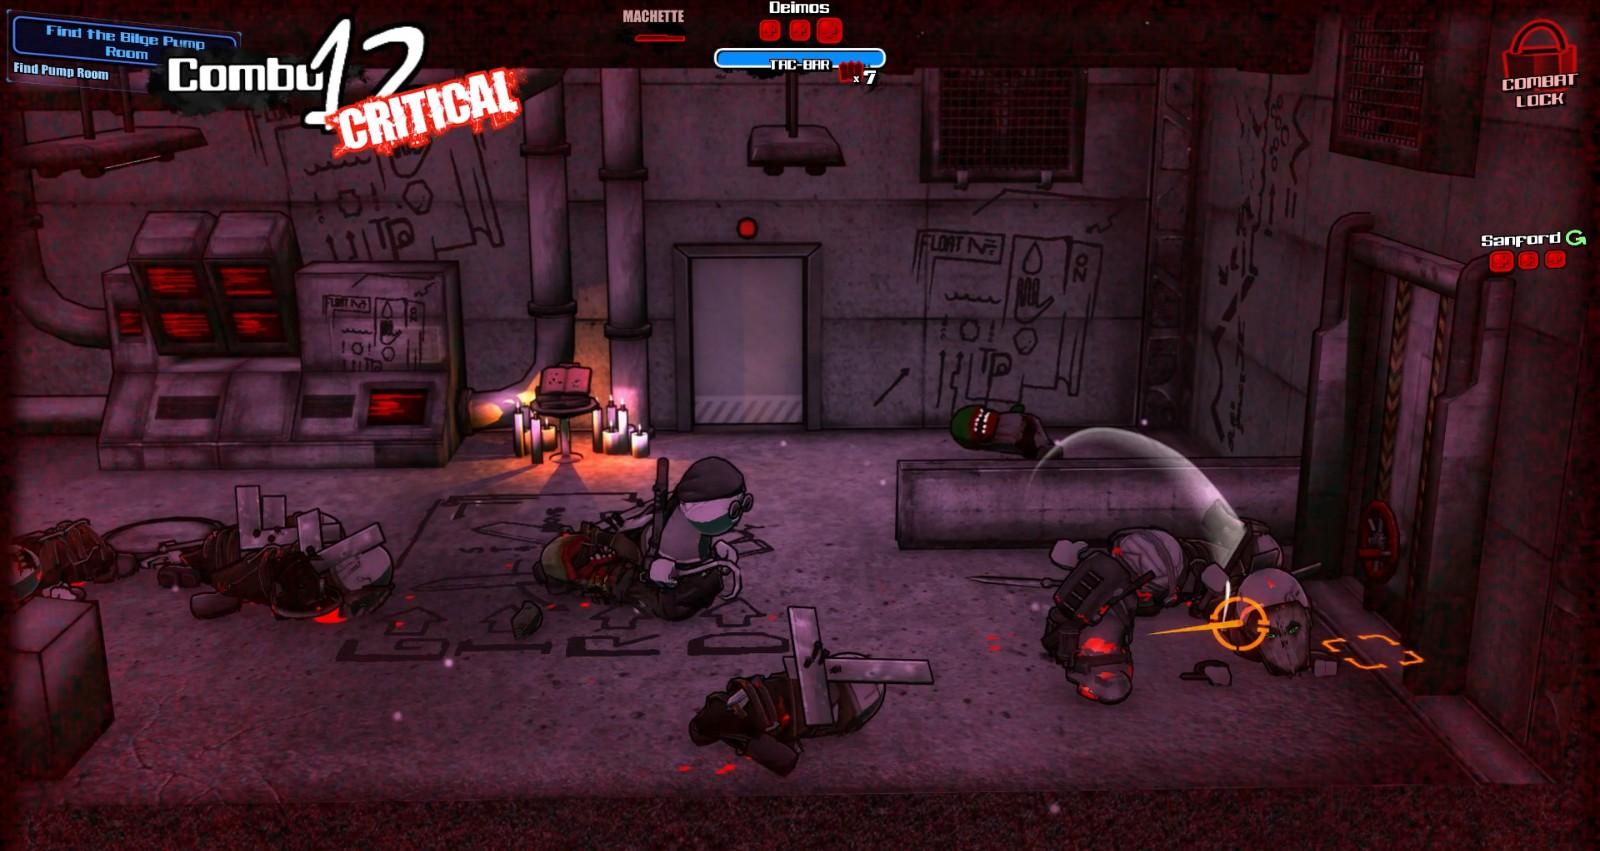 《狂暴之徒:联合计划》9月29日Steam发售 爽快动作